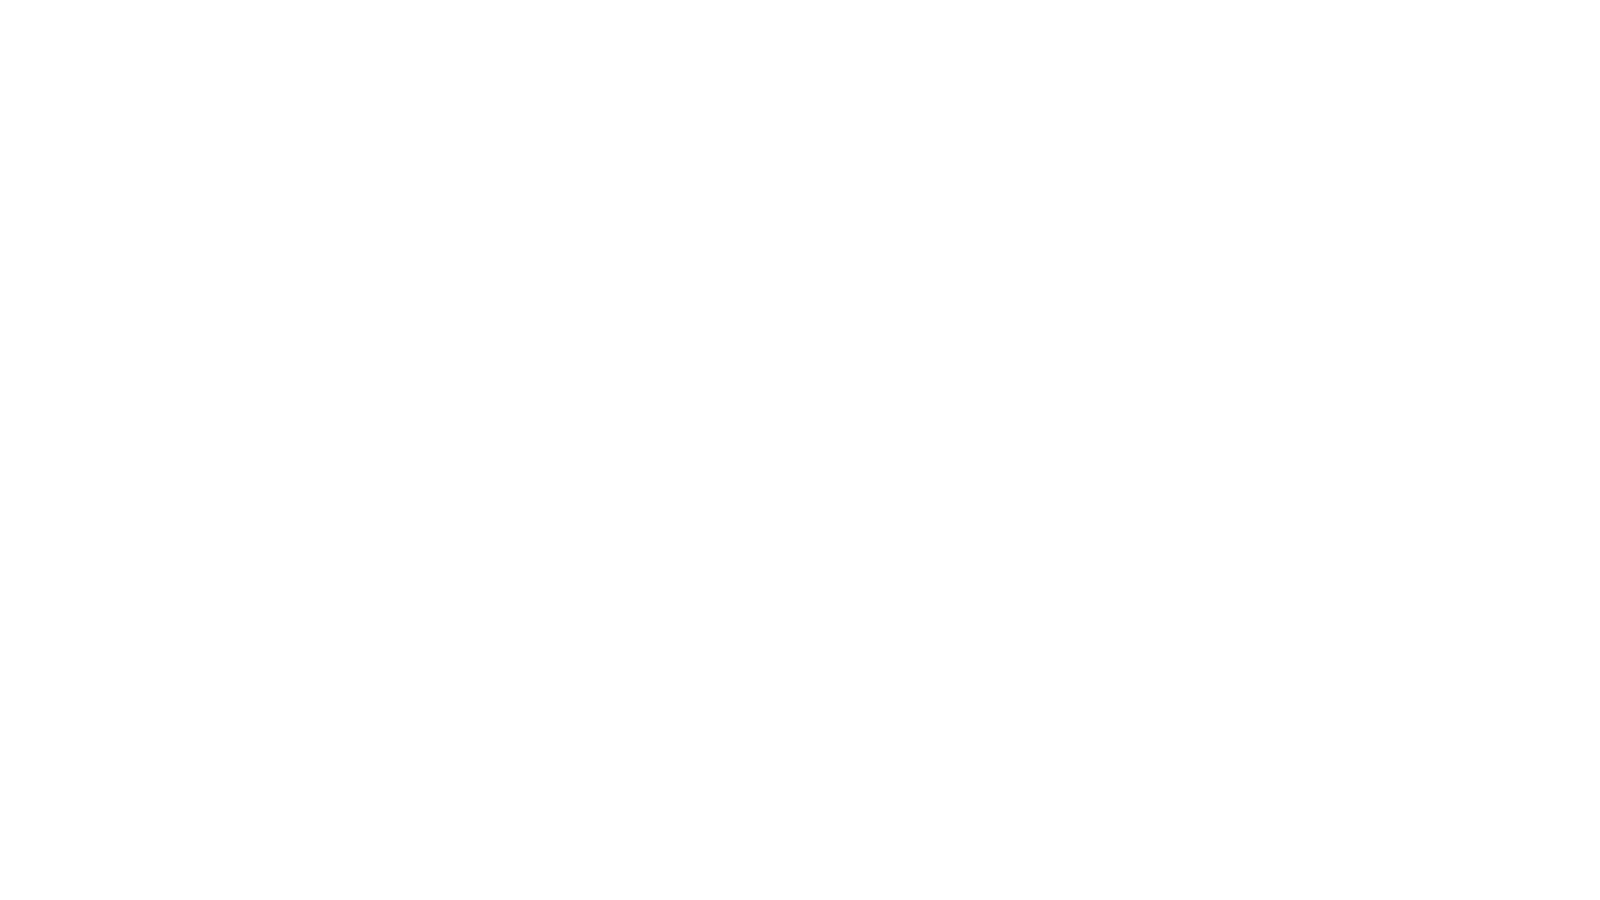 Mes Guides ont proposé cet accompagnement qui nous oriente vers  l'harmonie et l'alignement, l'intégration du code Divin et son rayonnement #gratitude  Expérimenté en même temps de la canalisation, j'ai trouvé cet accompagnement super puissant. A faire et refaire, aussi souvent que besoin, chaque fois sera différente, acceptez et accueillez. Enjoy !